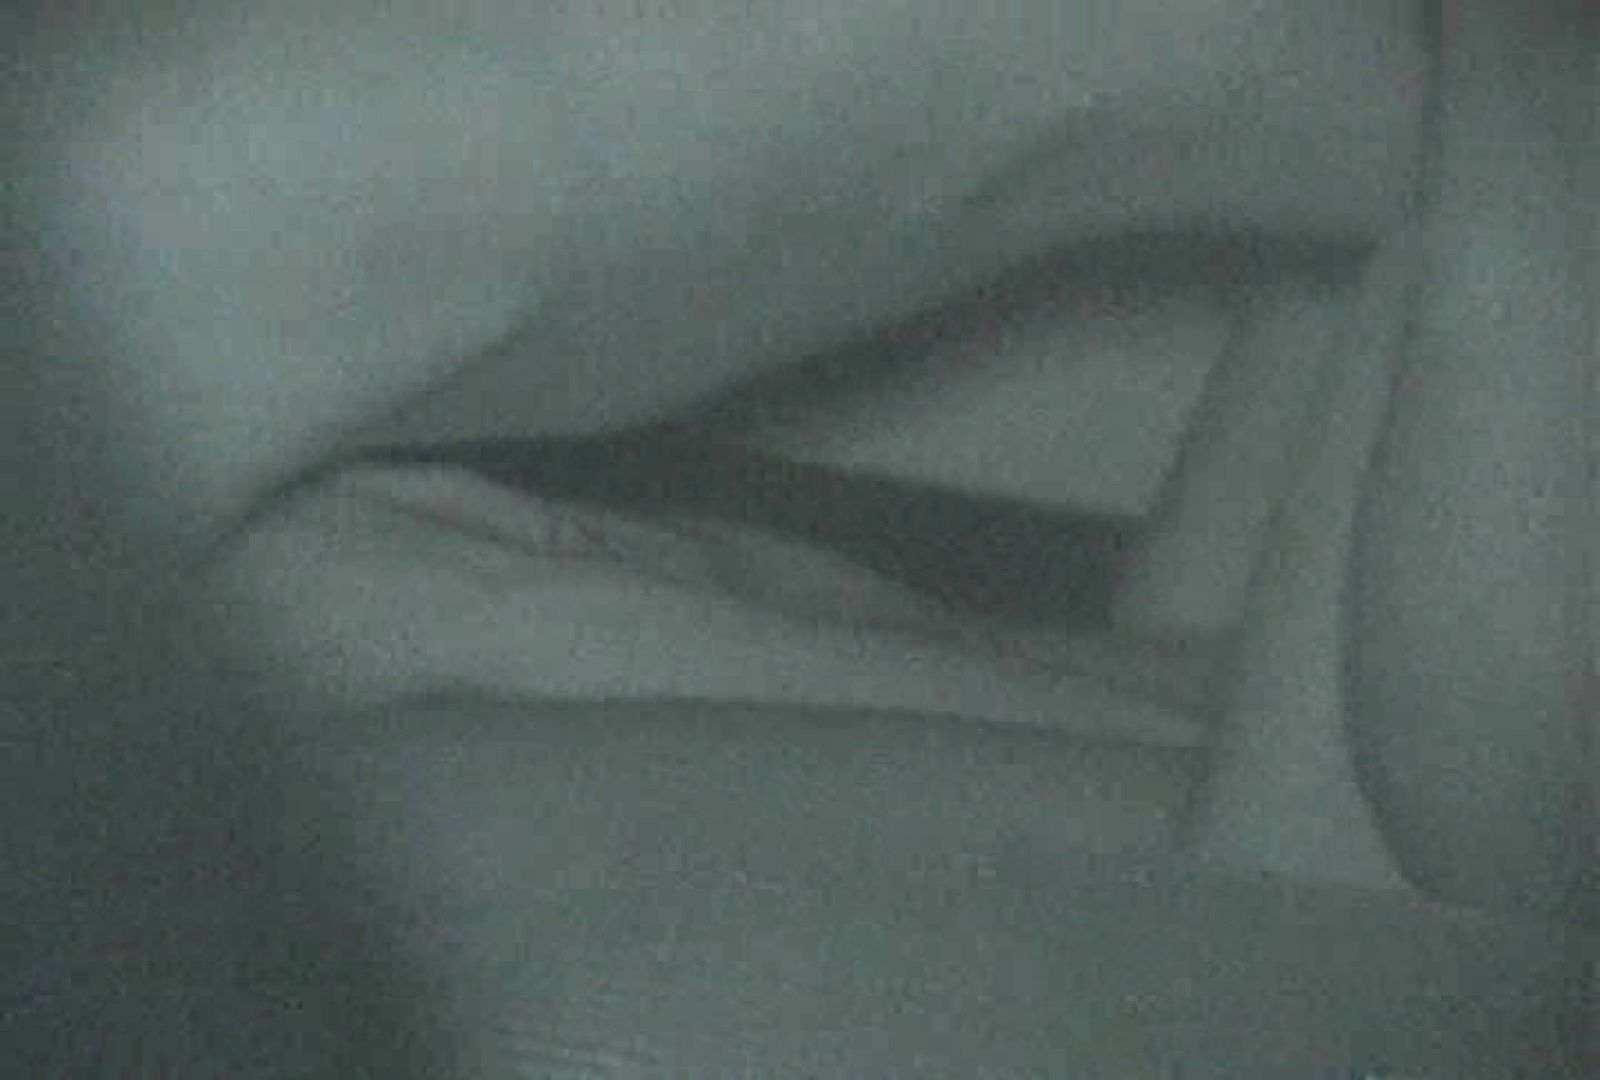 「充血監督」さんの深夜の運動会!! vol.042 ギャル盗撮映像 AV無料動画キャプチャ 68PIX 50